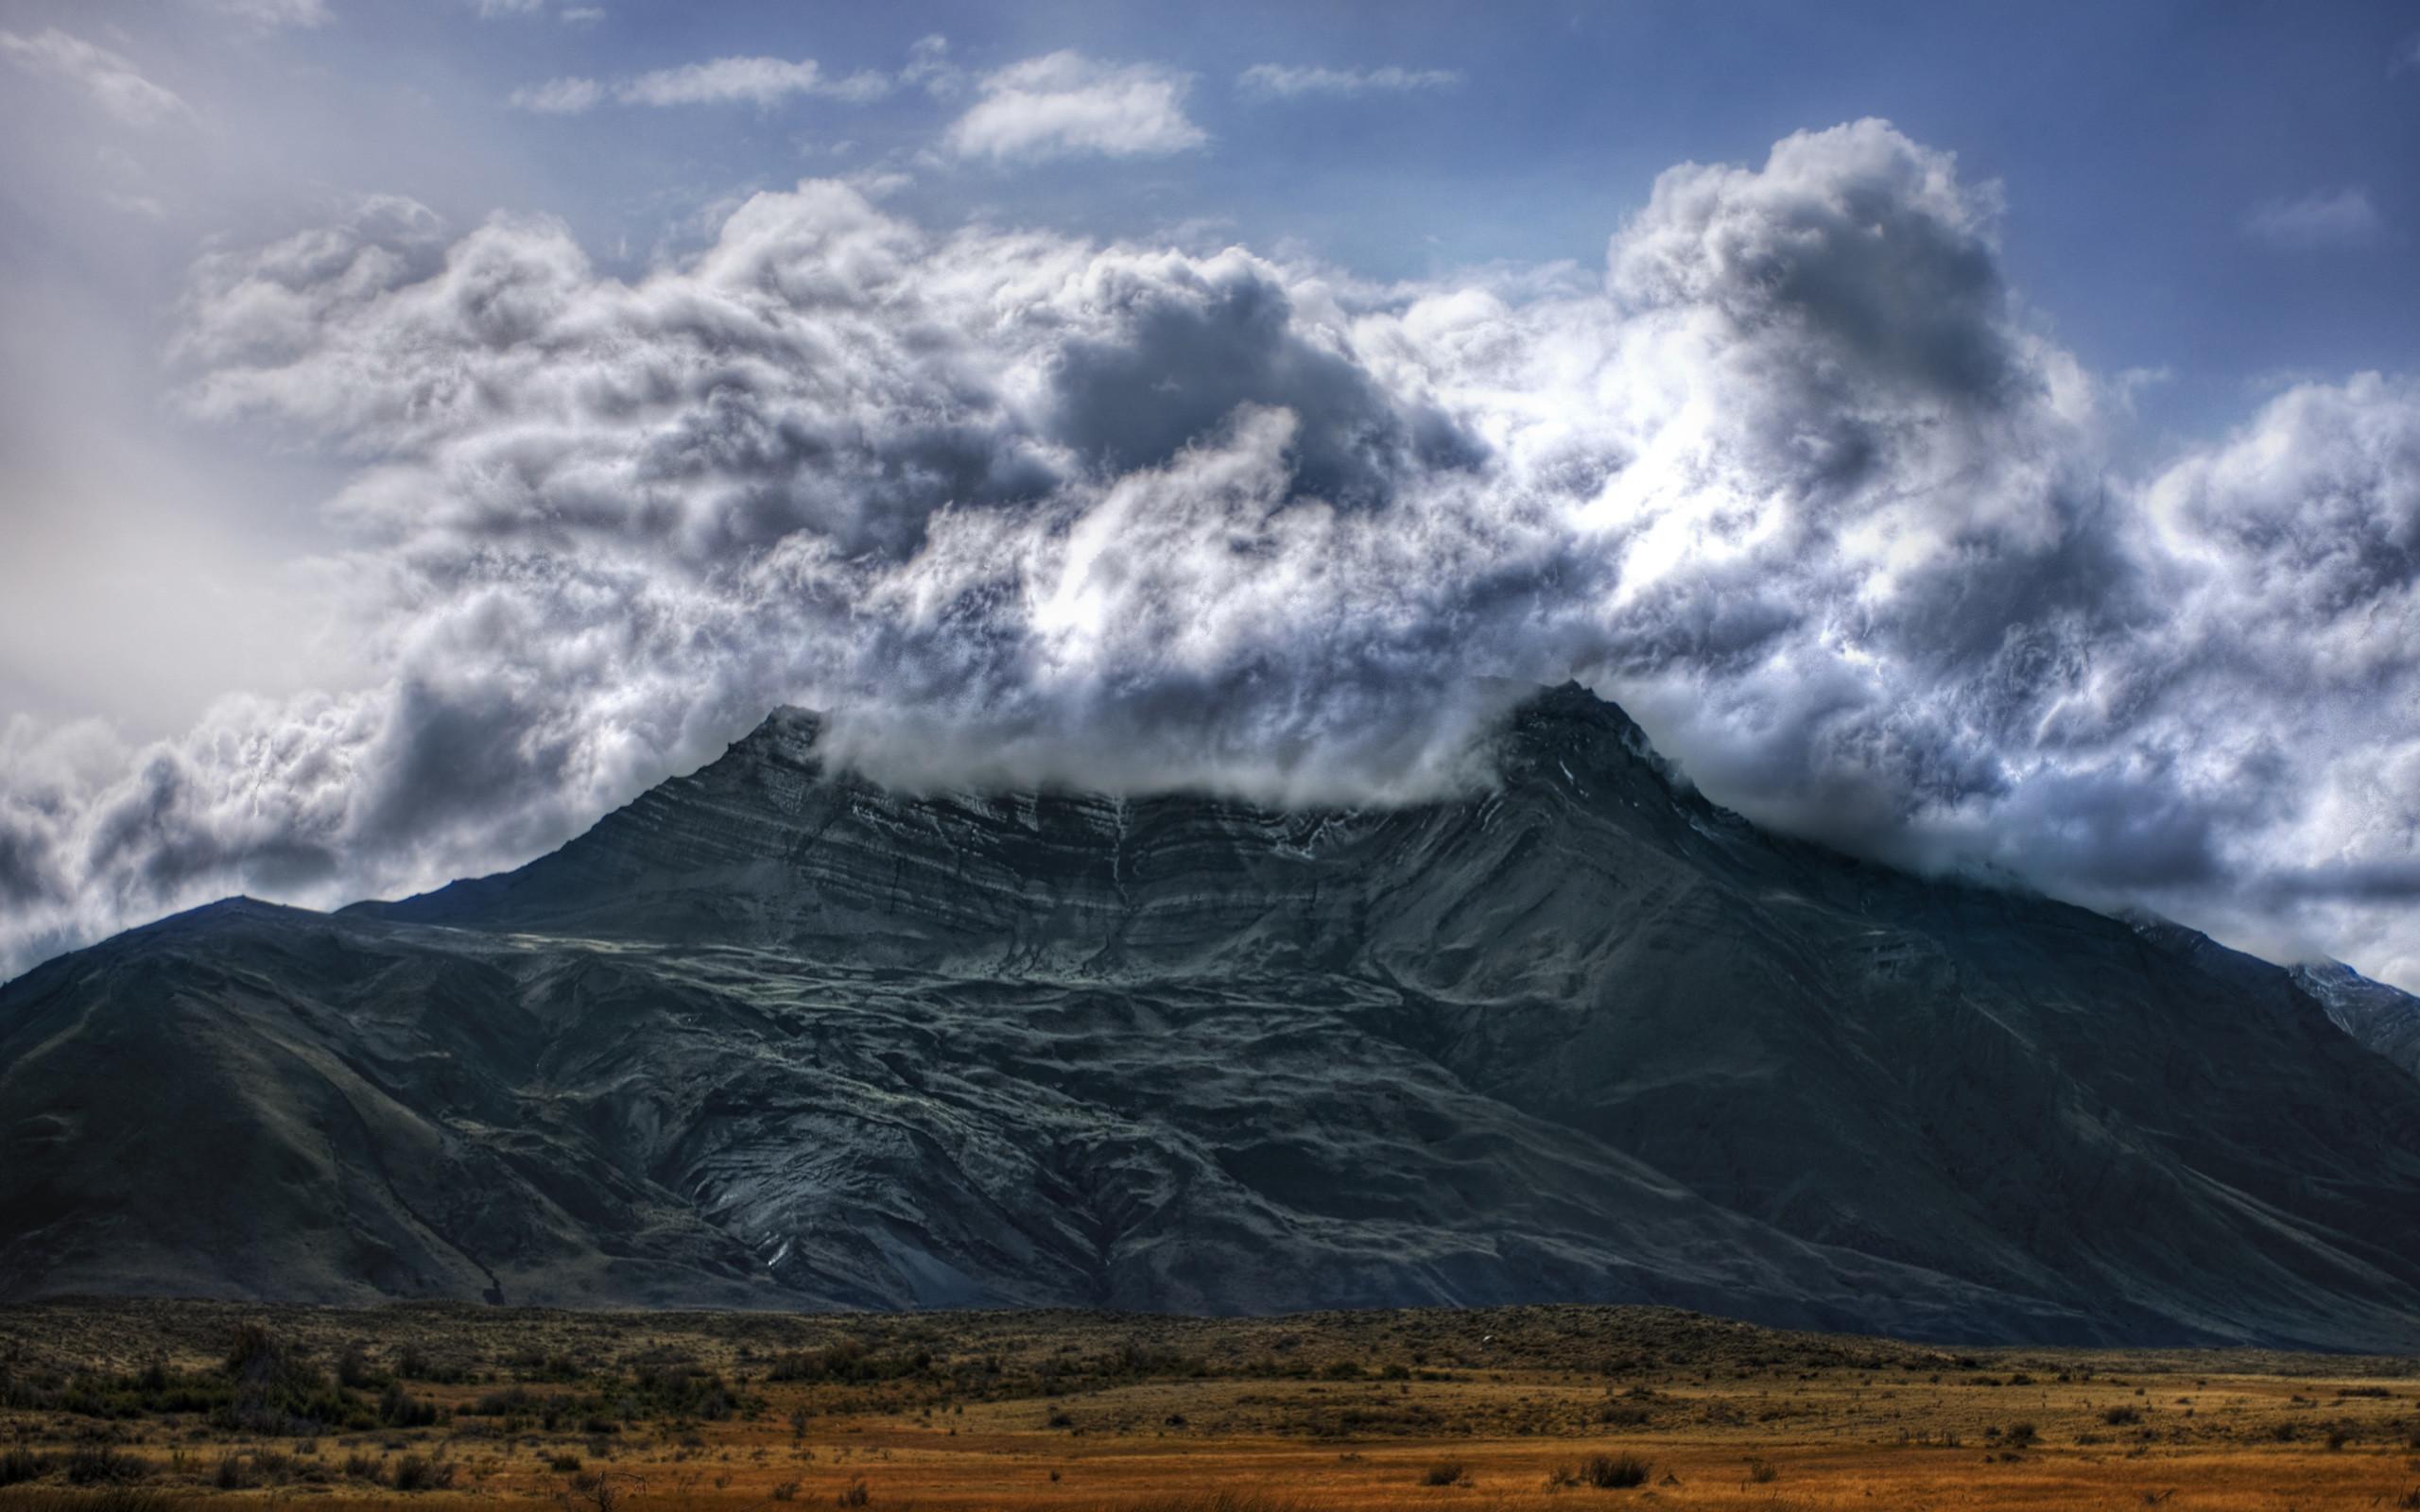 The Violent Volcano wallpaper